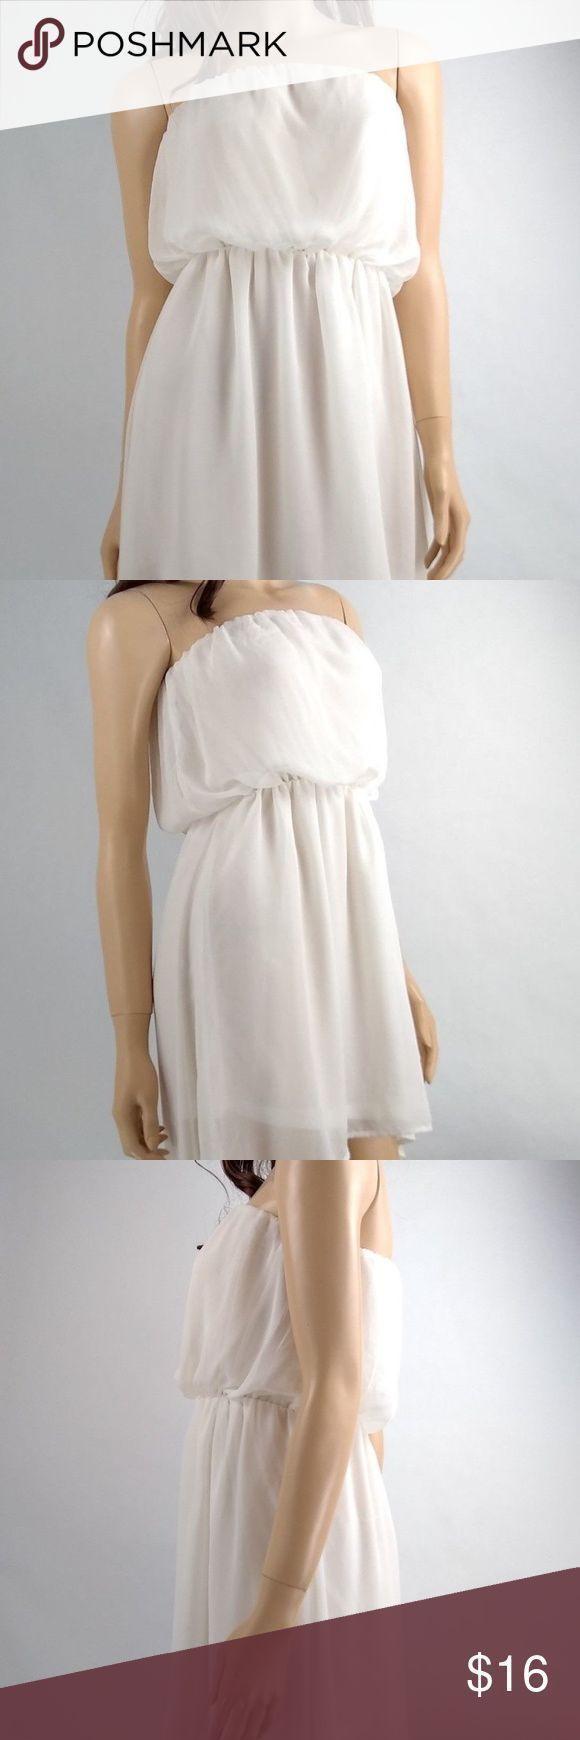 Poetry Ärmelloses Weißes Kurzes Kleid Größe Small Poetry